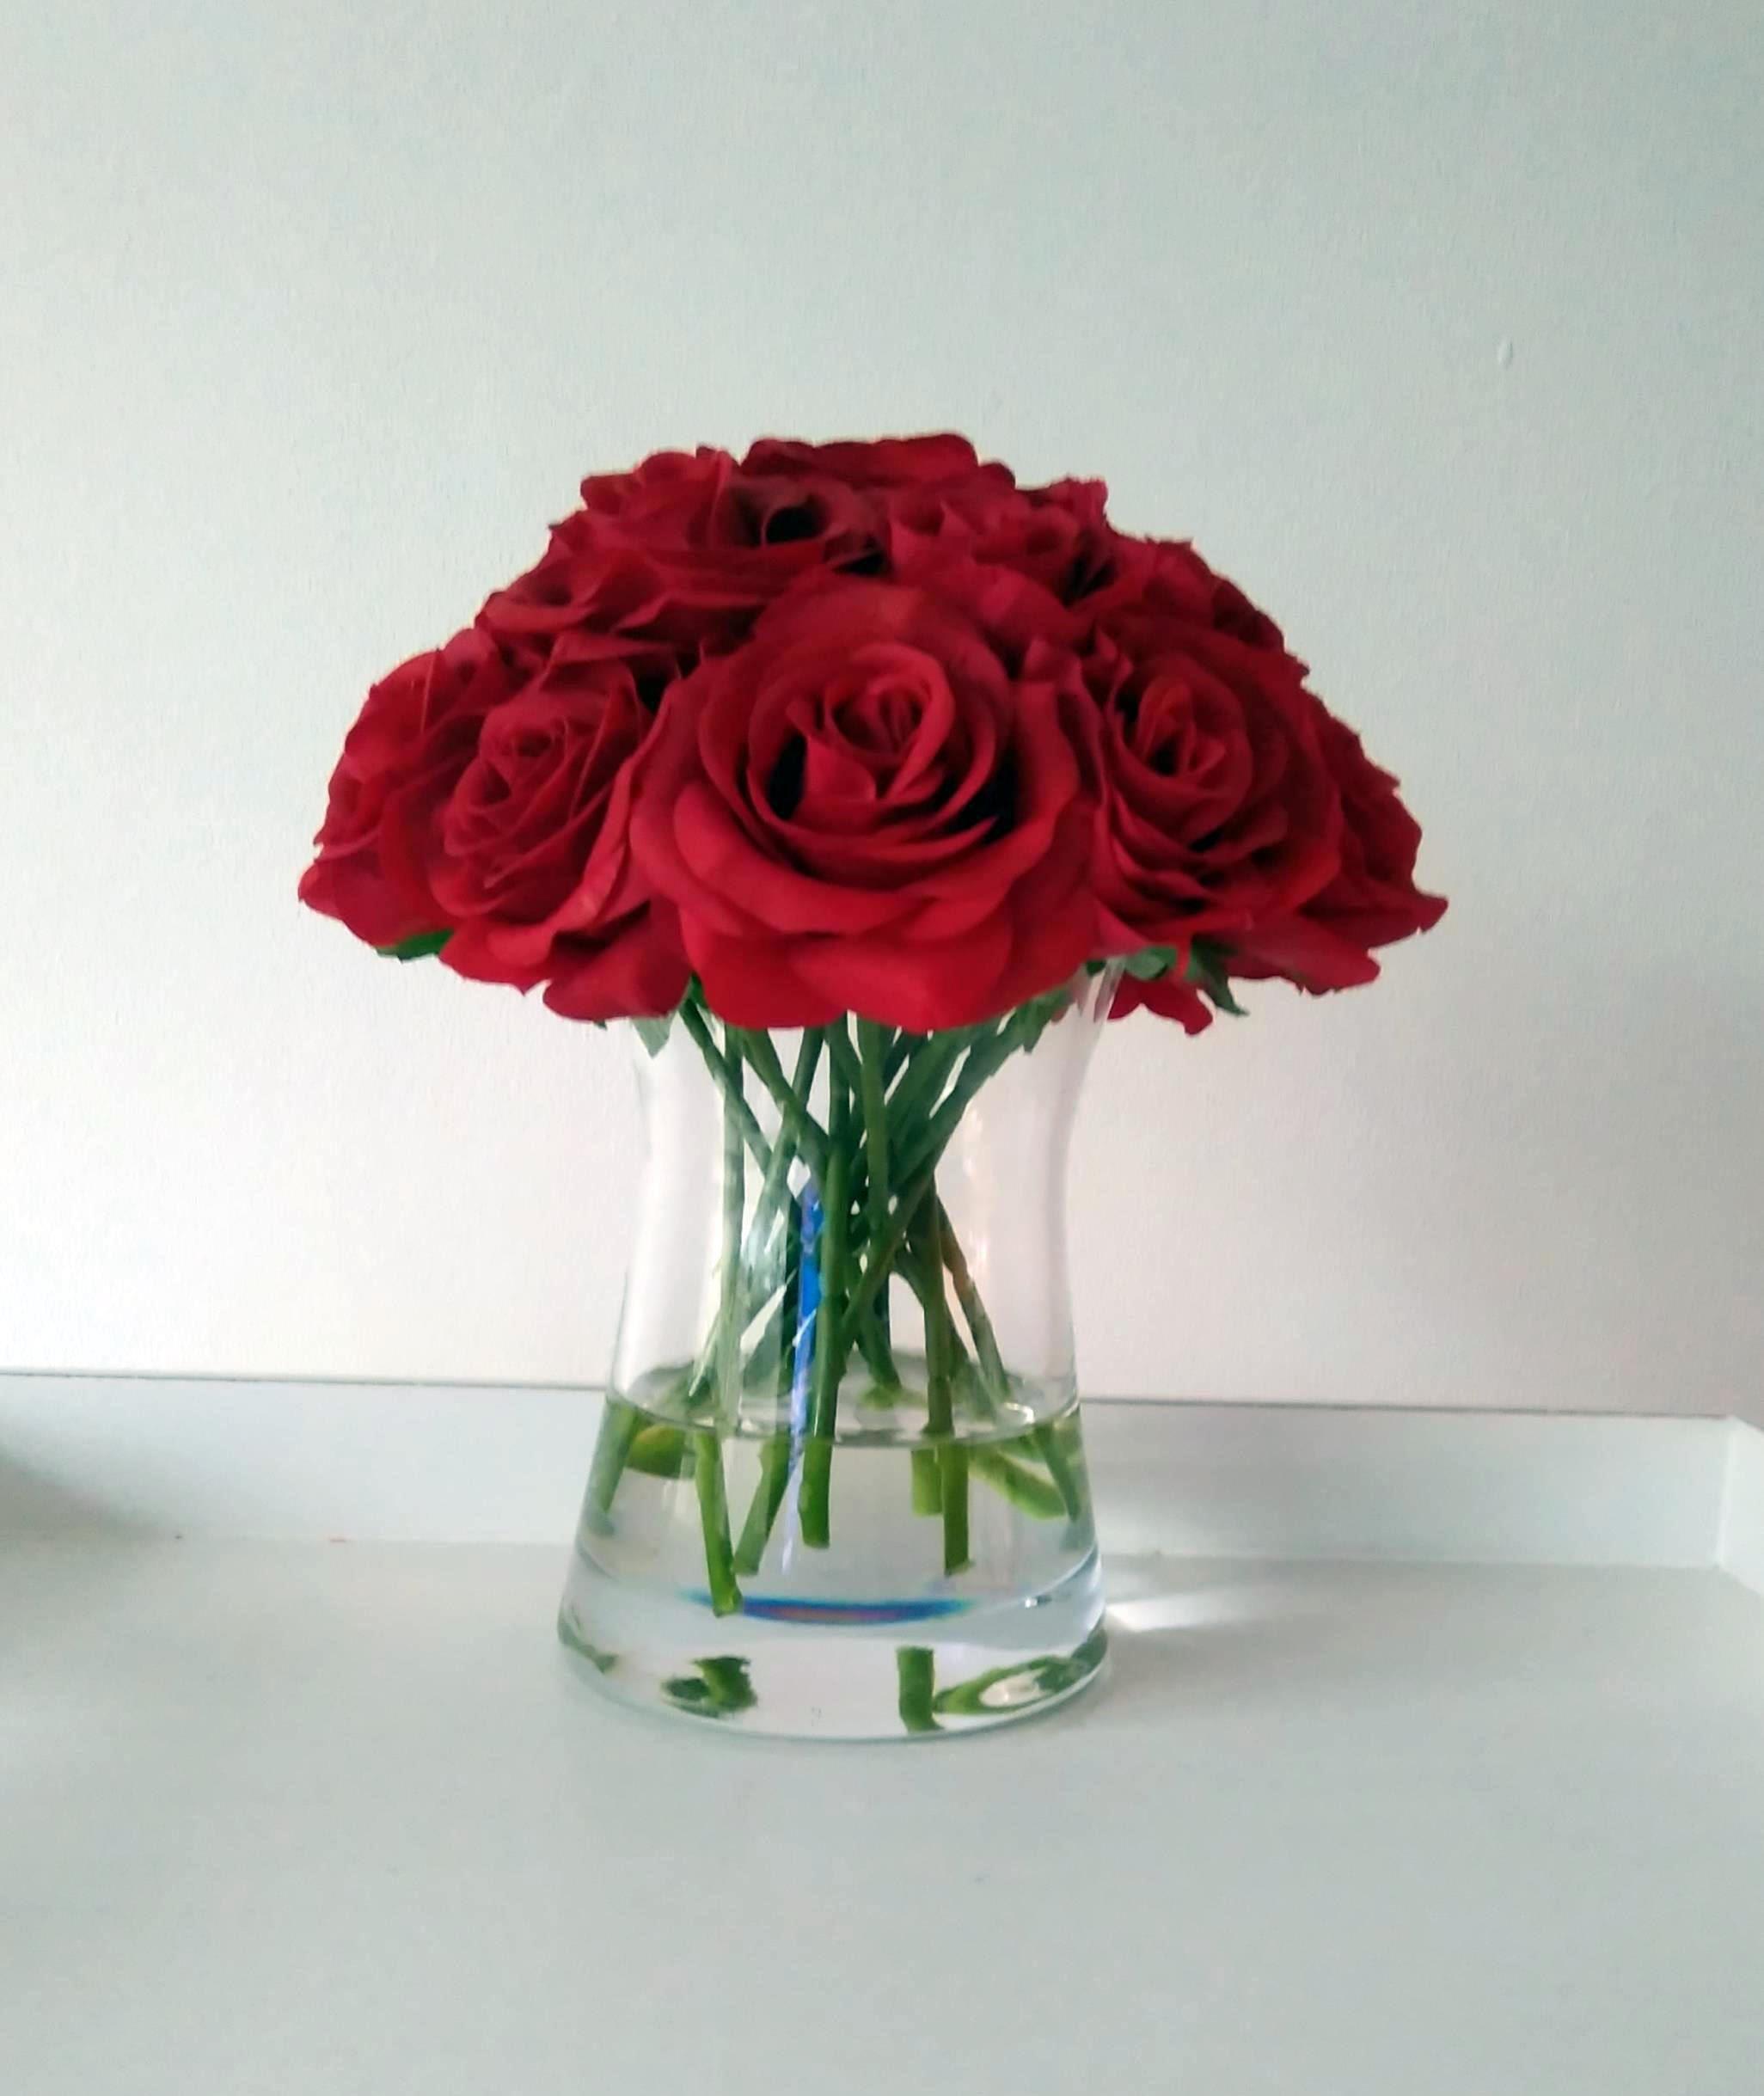 Faux silk floral arrangement real touch flowers in vase red decor faux silk floral arrangement real touch flowers in vase red decor gift for mightylinksfo